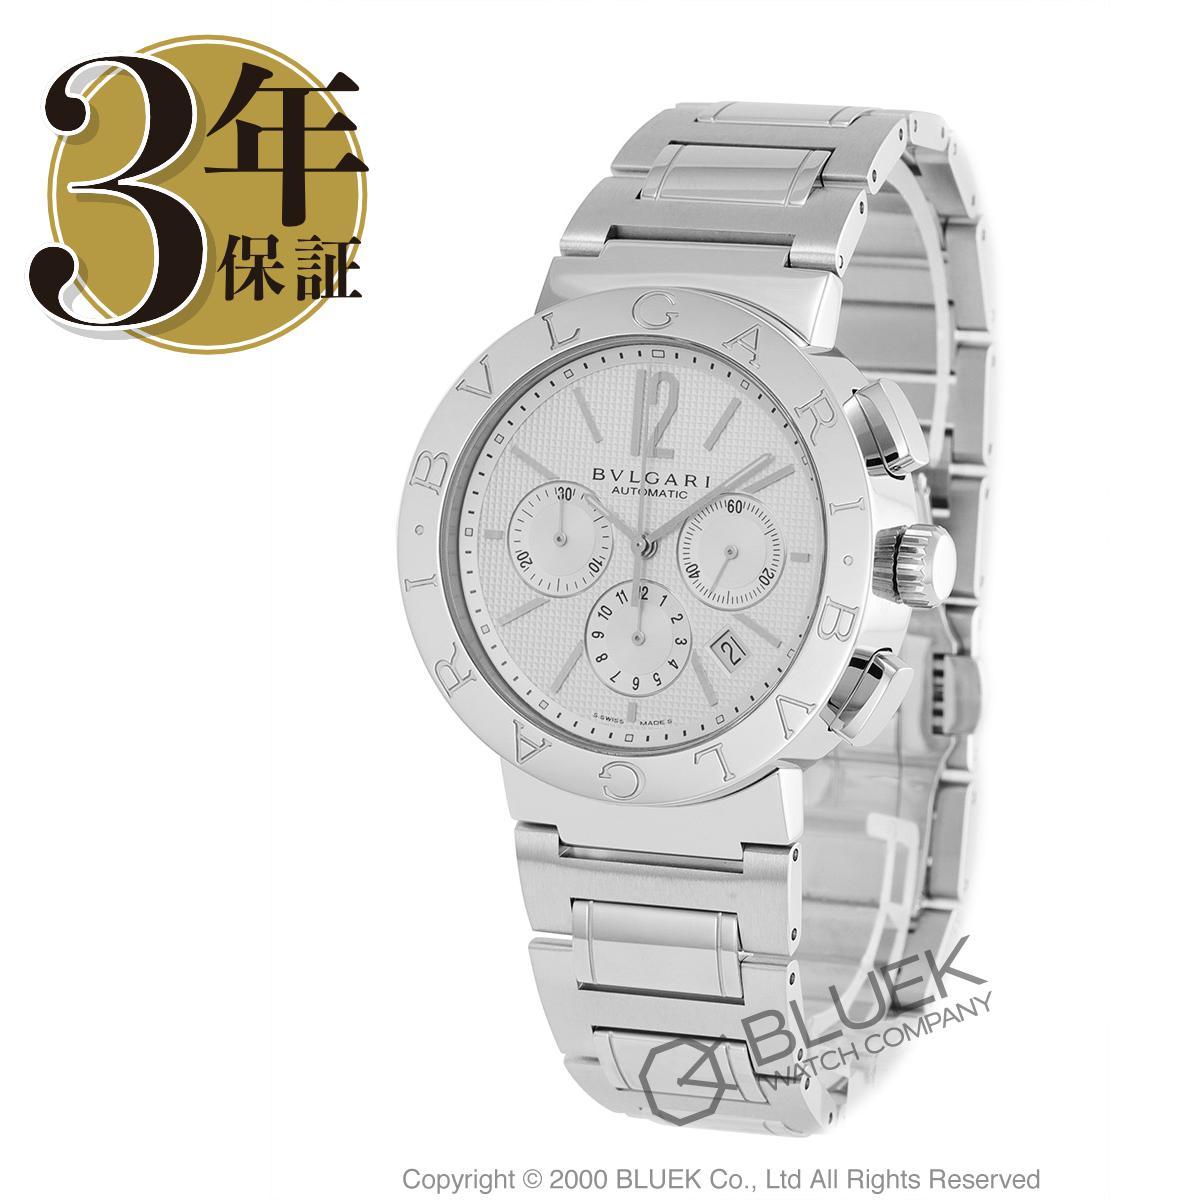 【15,000円OFFクーポン対象】ブルガリ ブルガリブルガリ クロノグラフ 腕時計 メンズ BVLGARI BB42WSSDCH/N AUTO_8